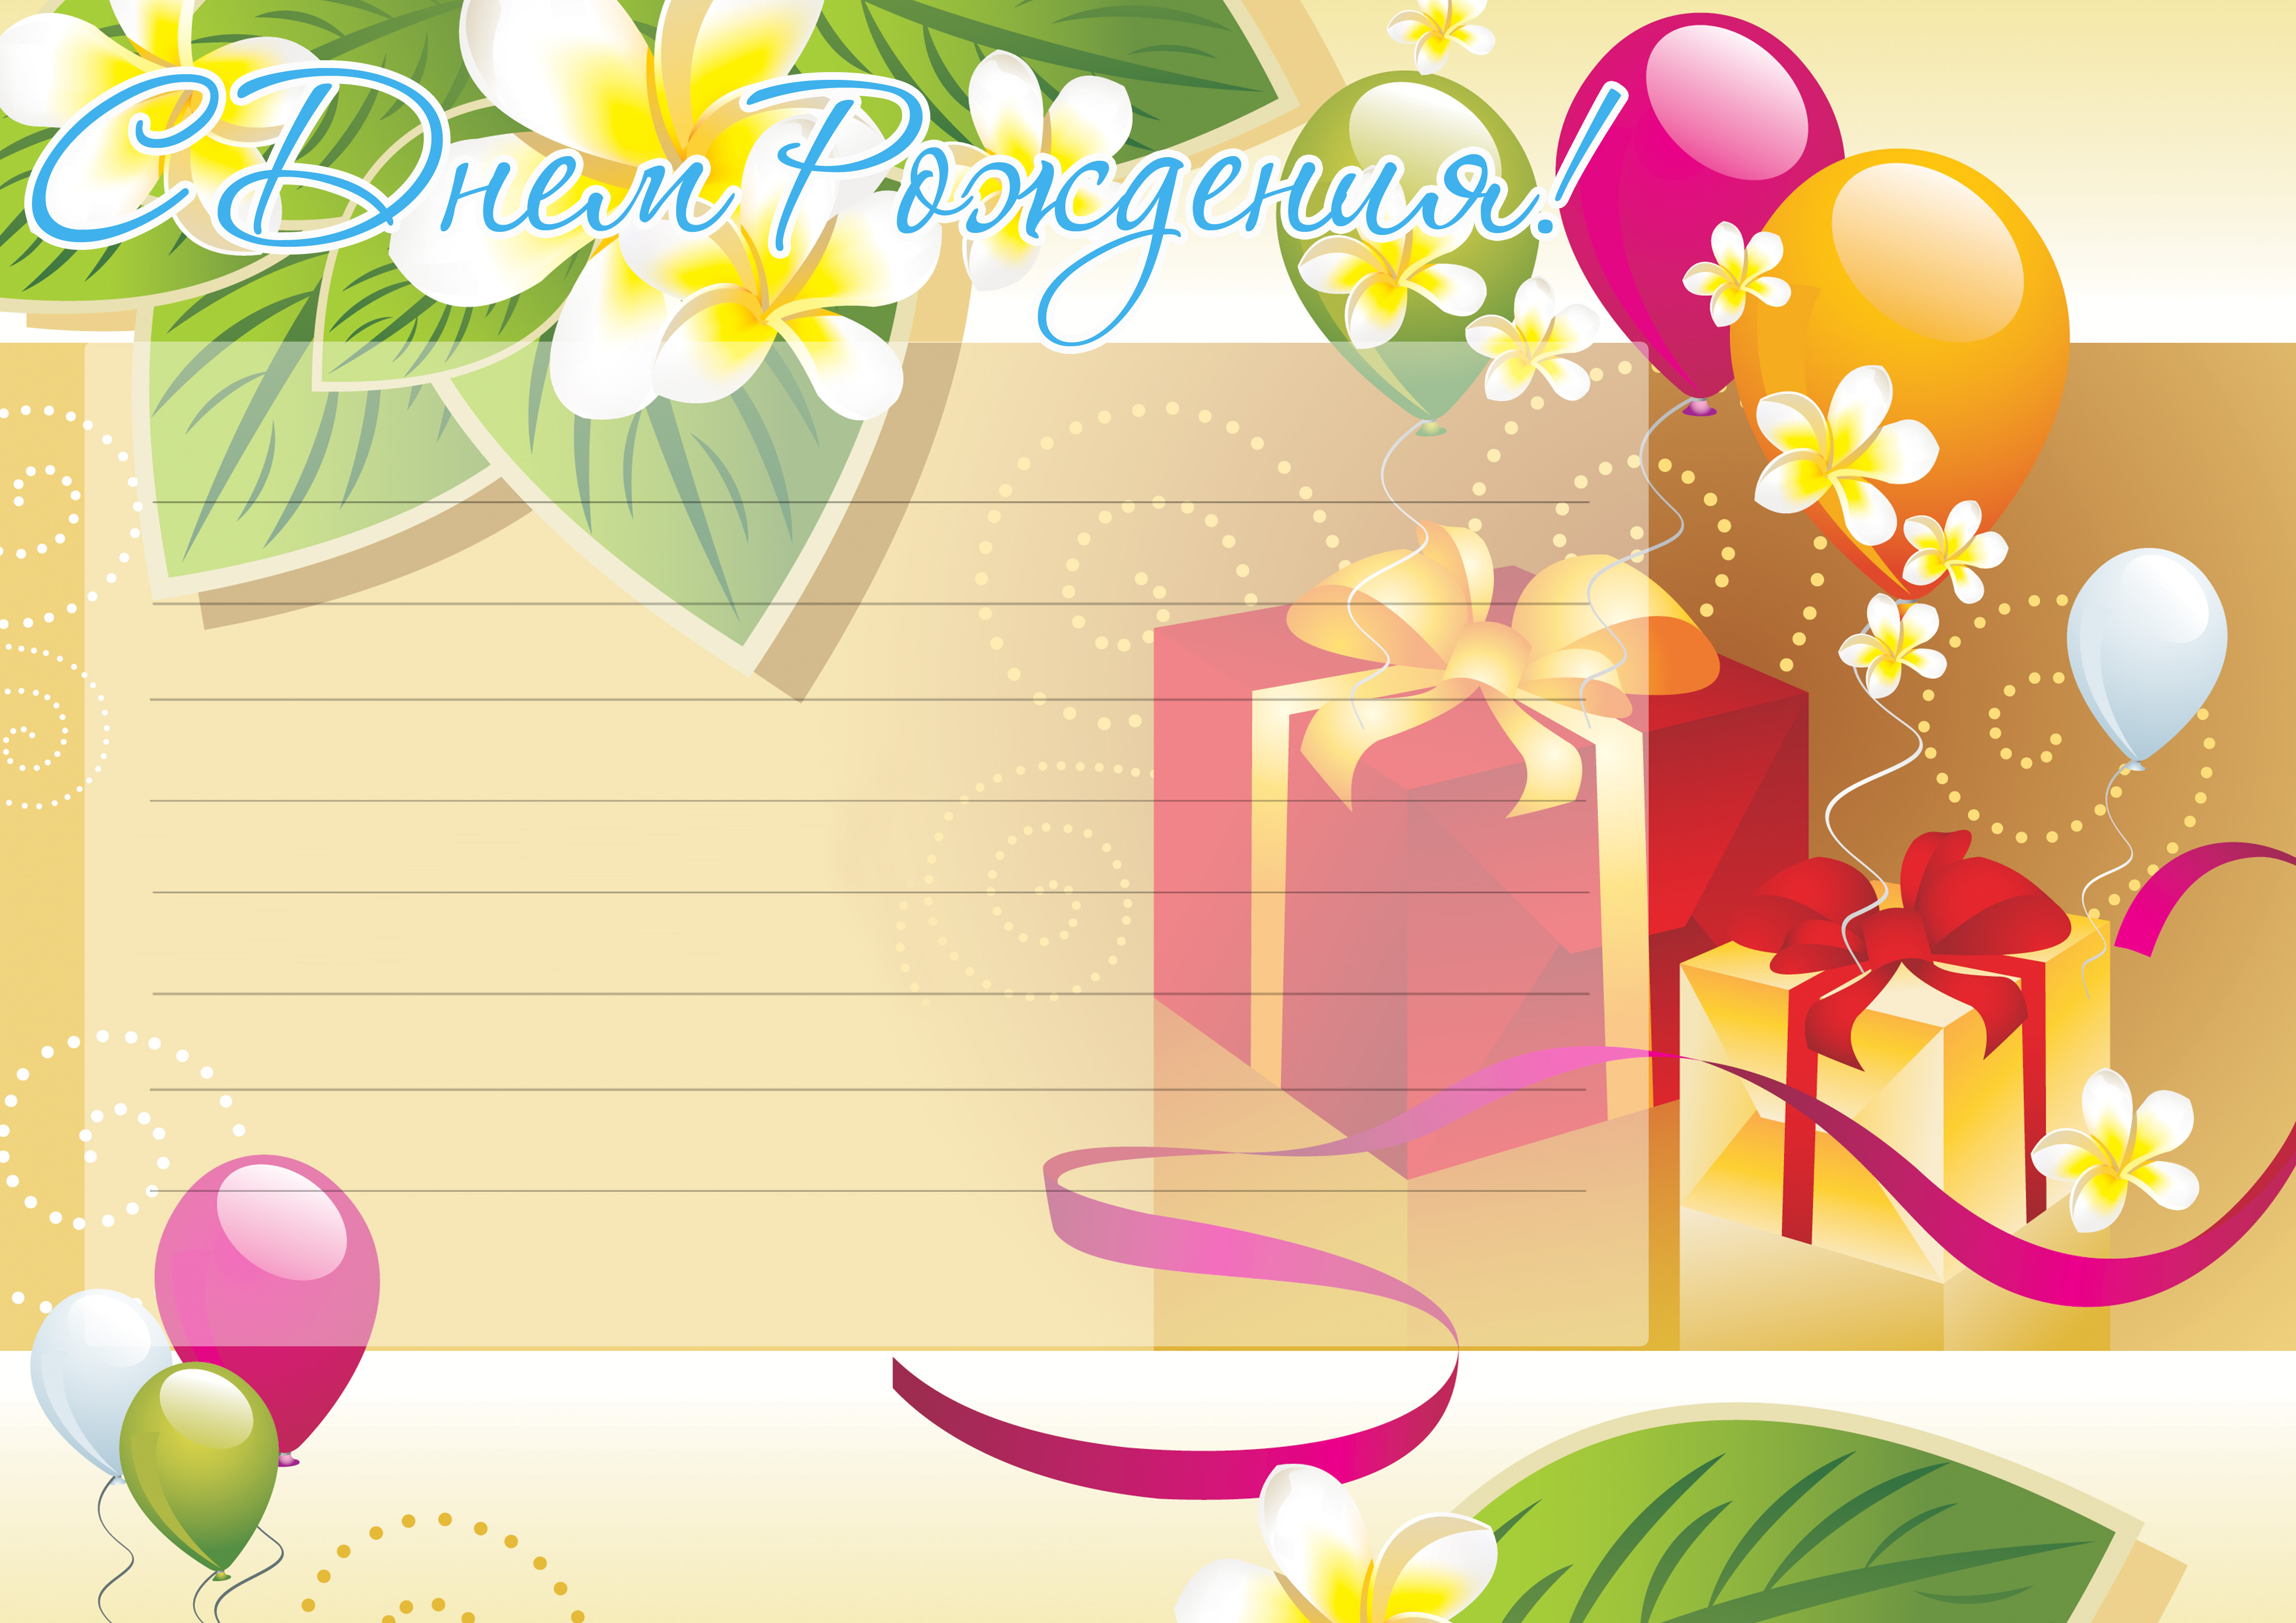 Прикол, макет открытки поздравления с днем рождения